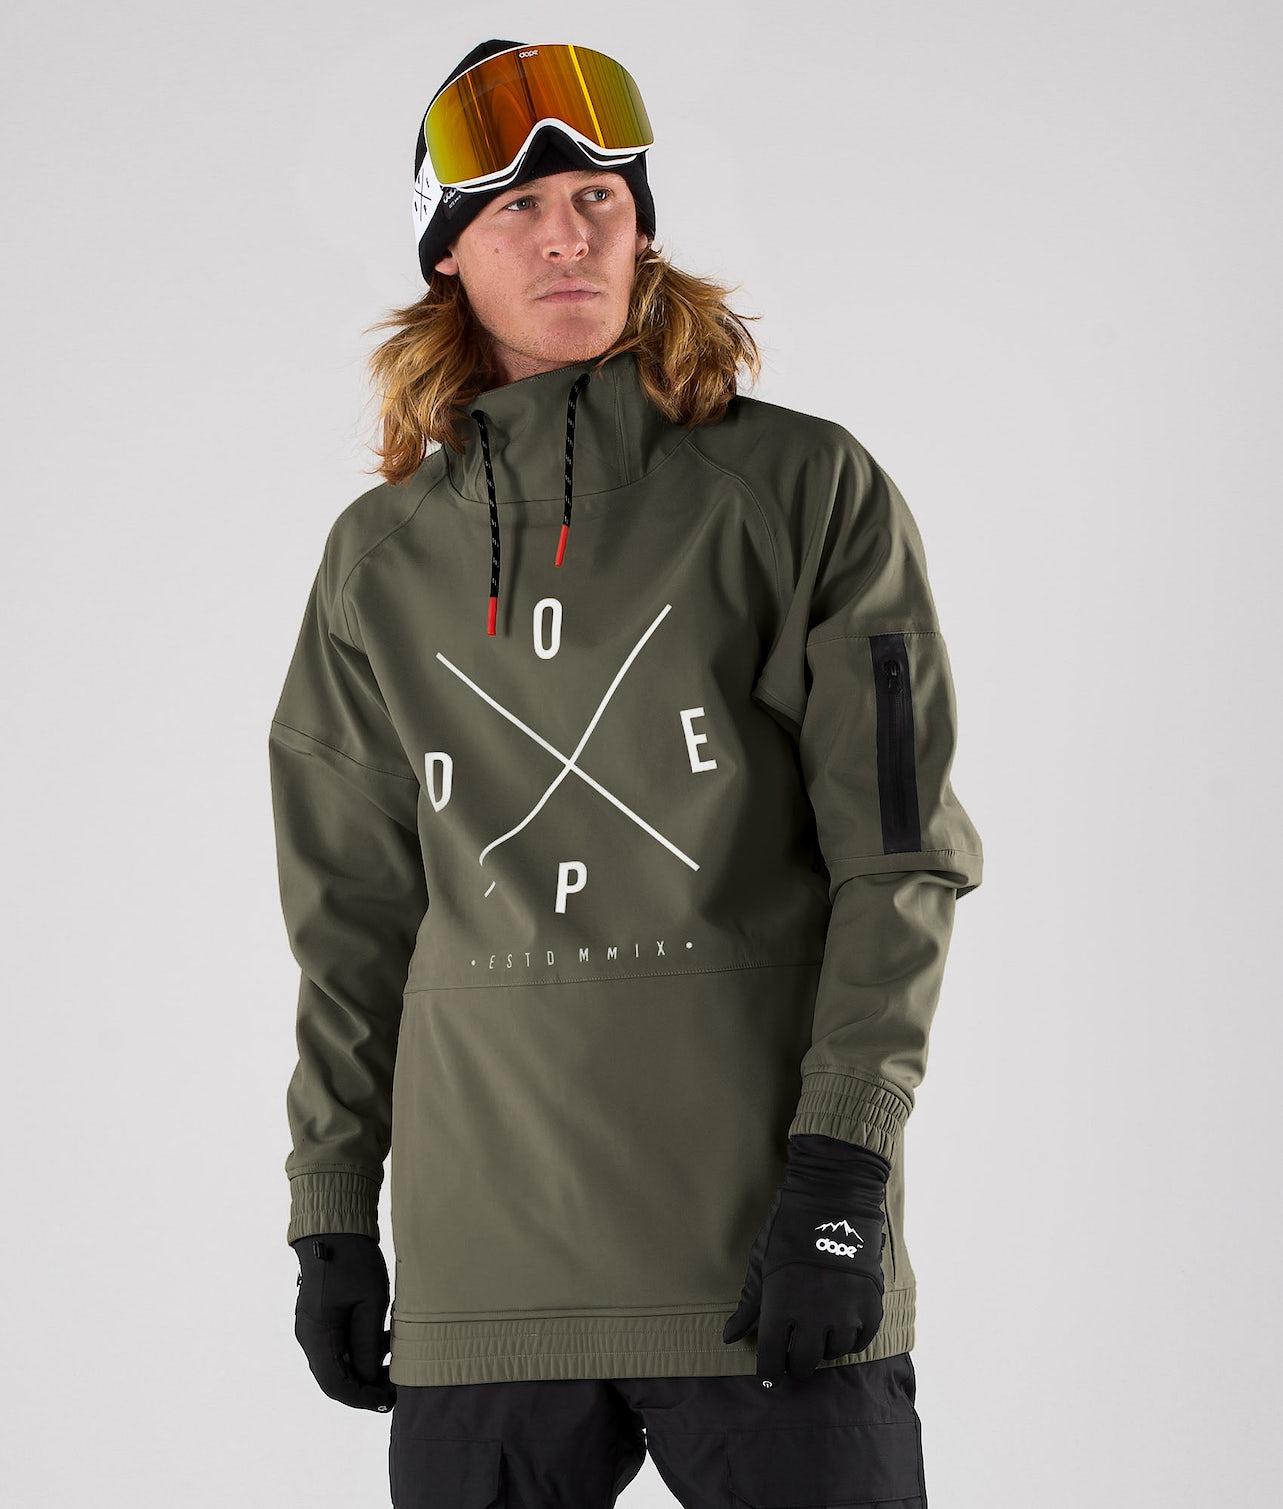 Kaufe Rambler MTE Skijacke von Dope bei Ridestore.de - Kostenloser, schneller Versand & Rückversand.